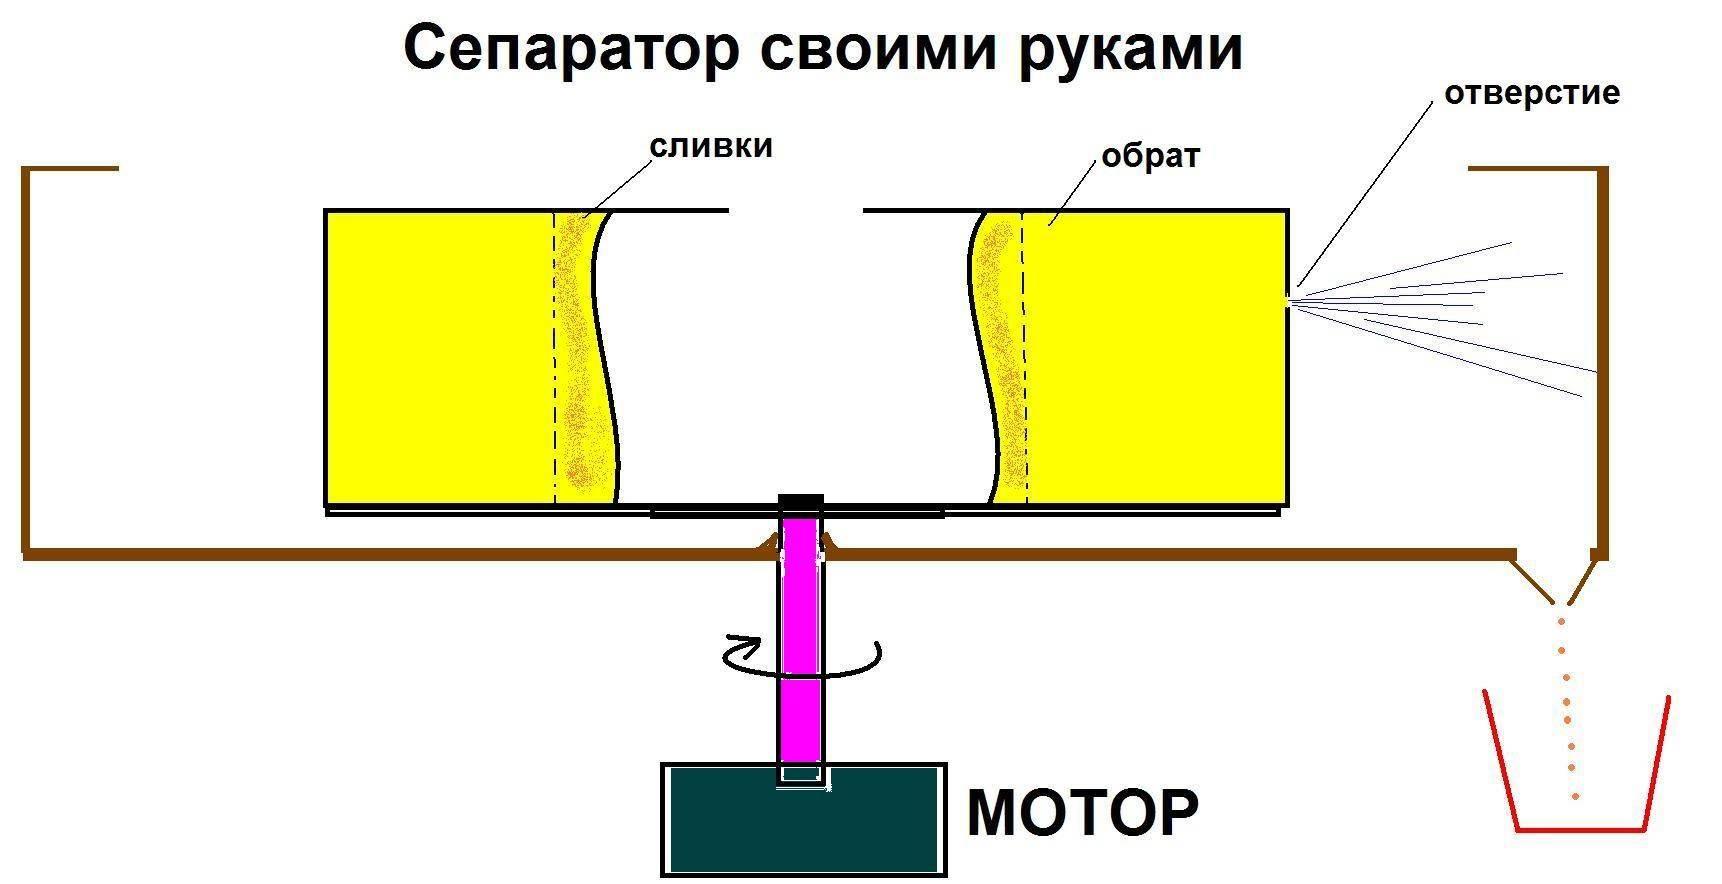 Сепаратор для молока бытовой электрический, обзор модели мотор сич, фермер, сепаратор своими